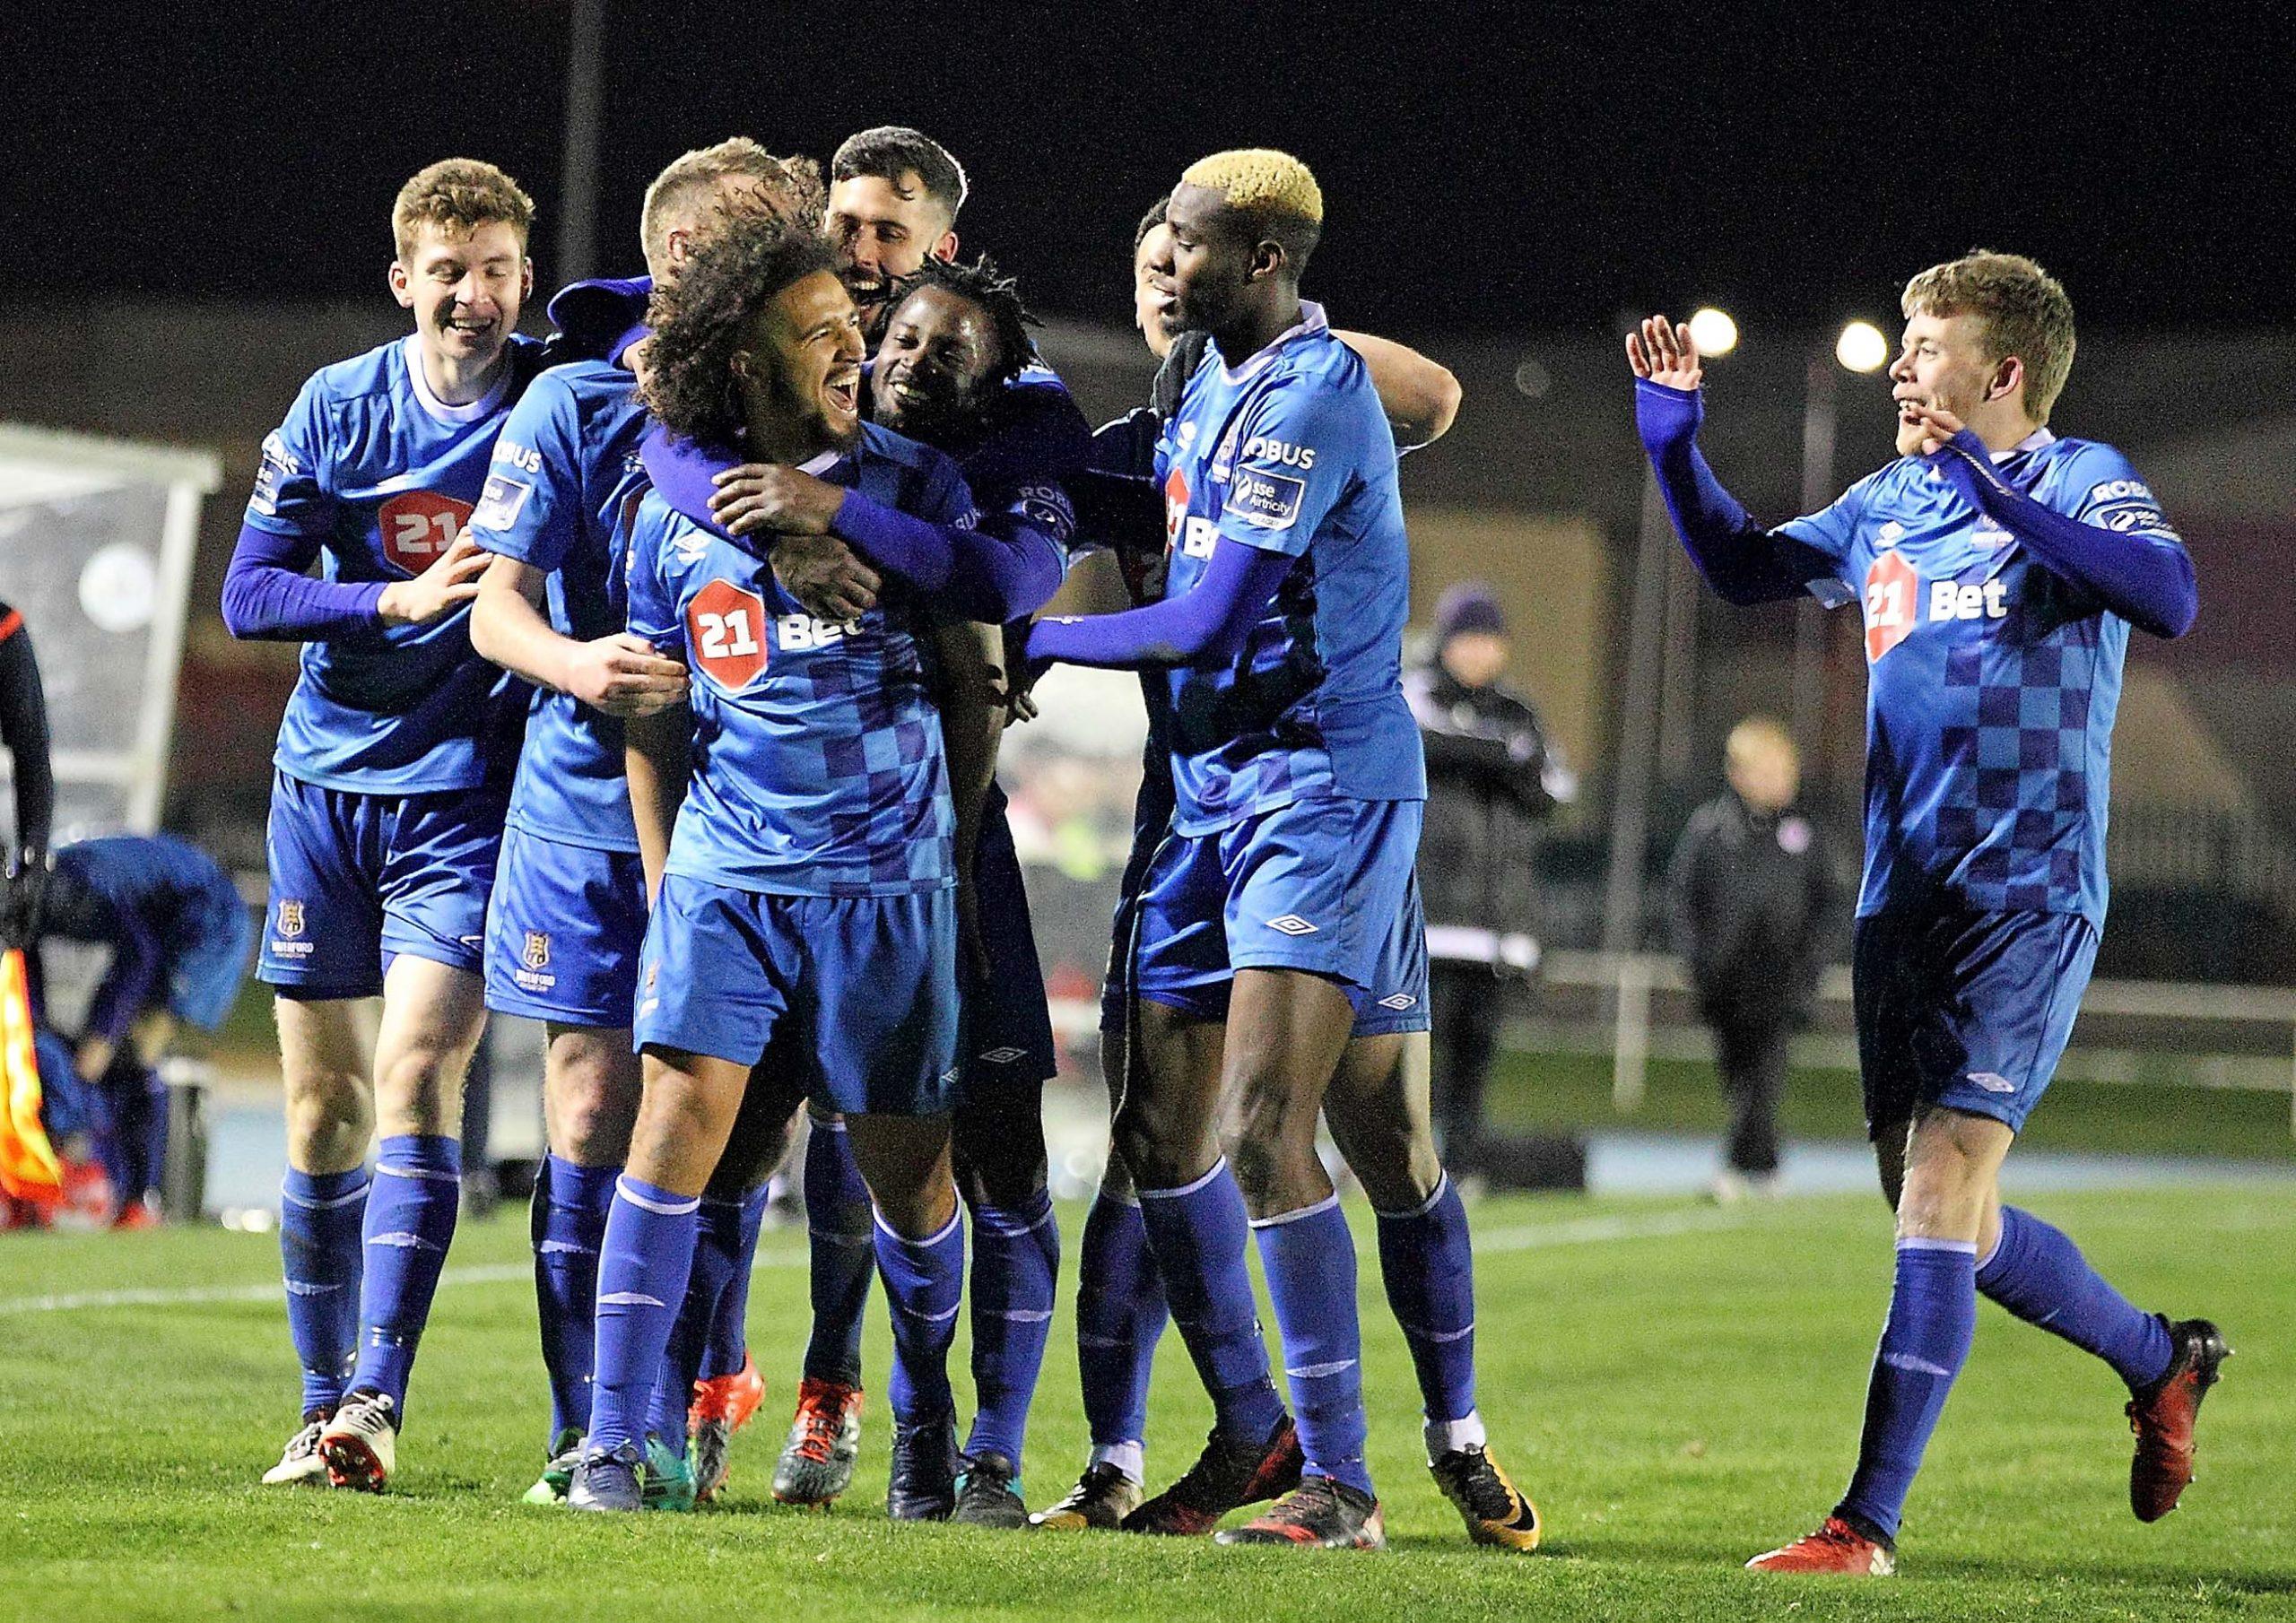 Blues seek FAI Cup semi-final spot this evening against UCD